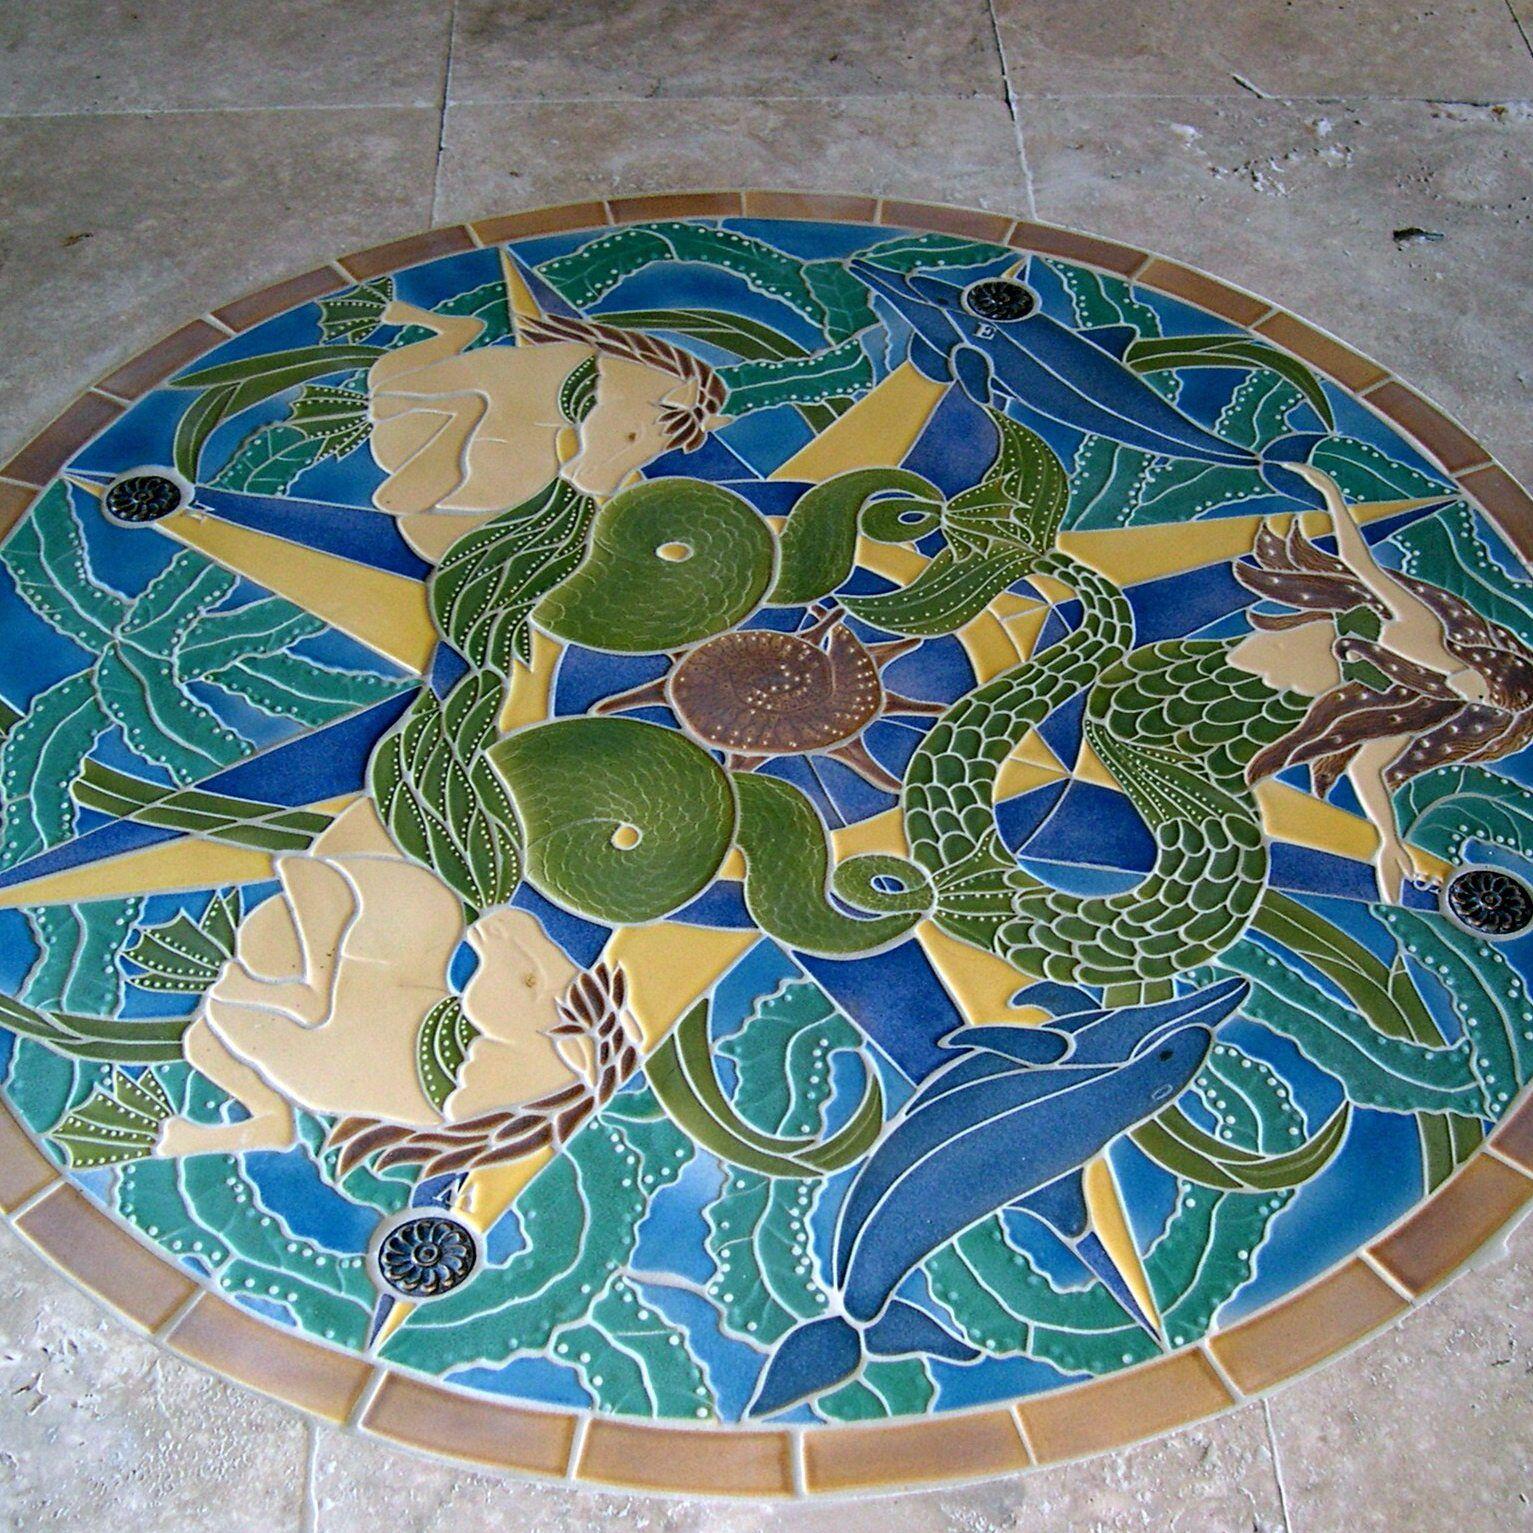 Luxury Unicorn And Mermaid Bathroom Mosaic Tile Art For Fantastic ...